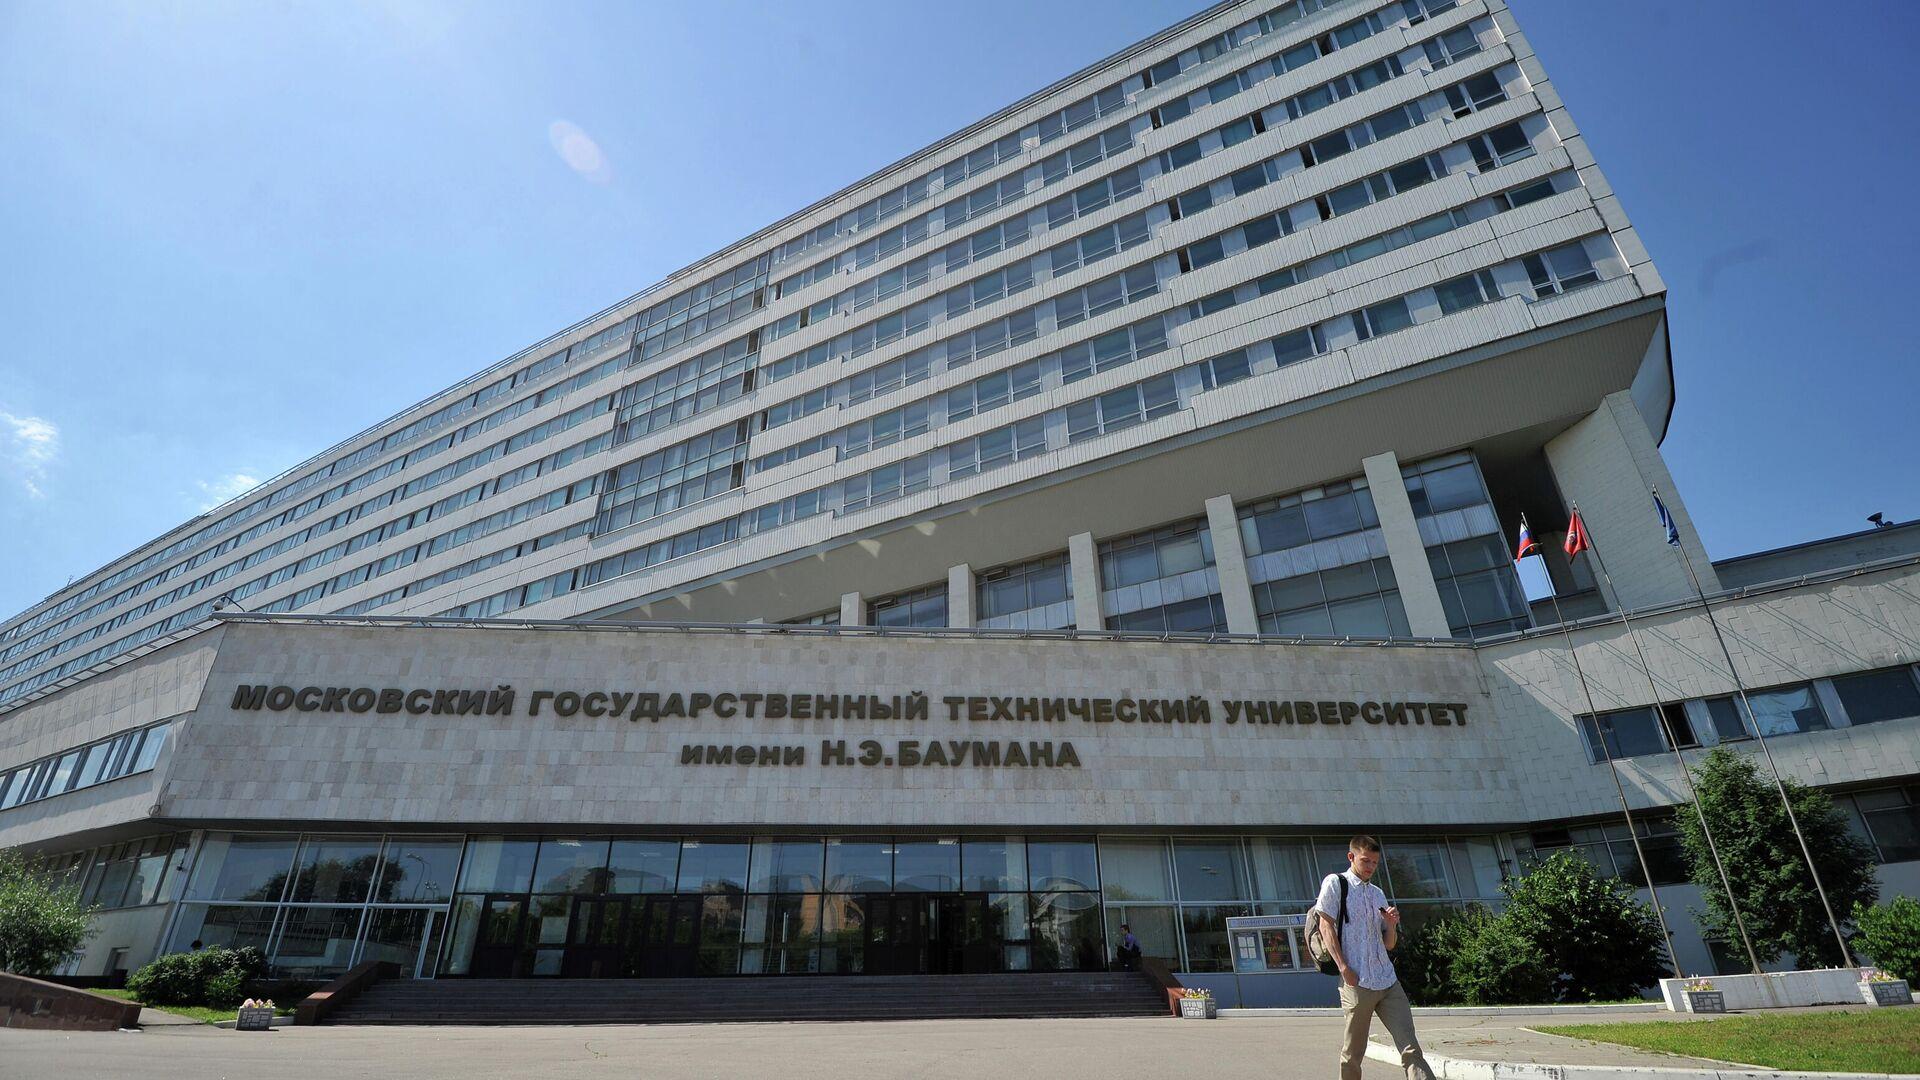 La Universidad Técnica Estatal Bauman de Moscú - Sputnik Mundo, 1920, 02.06.2021